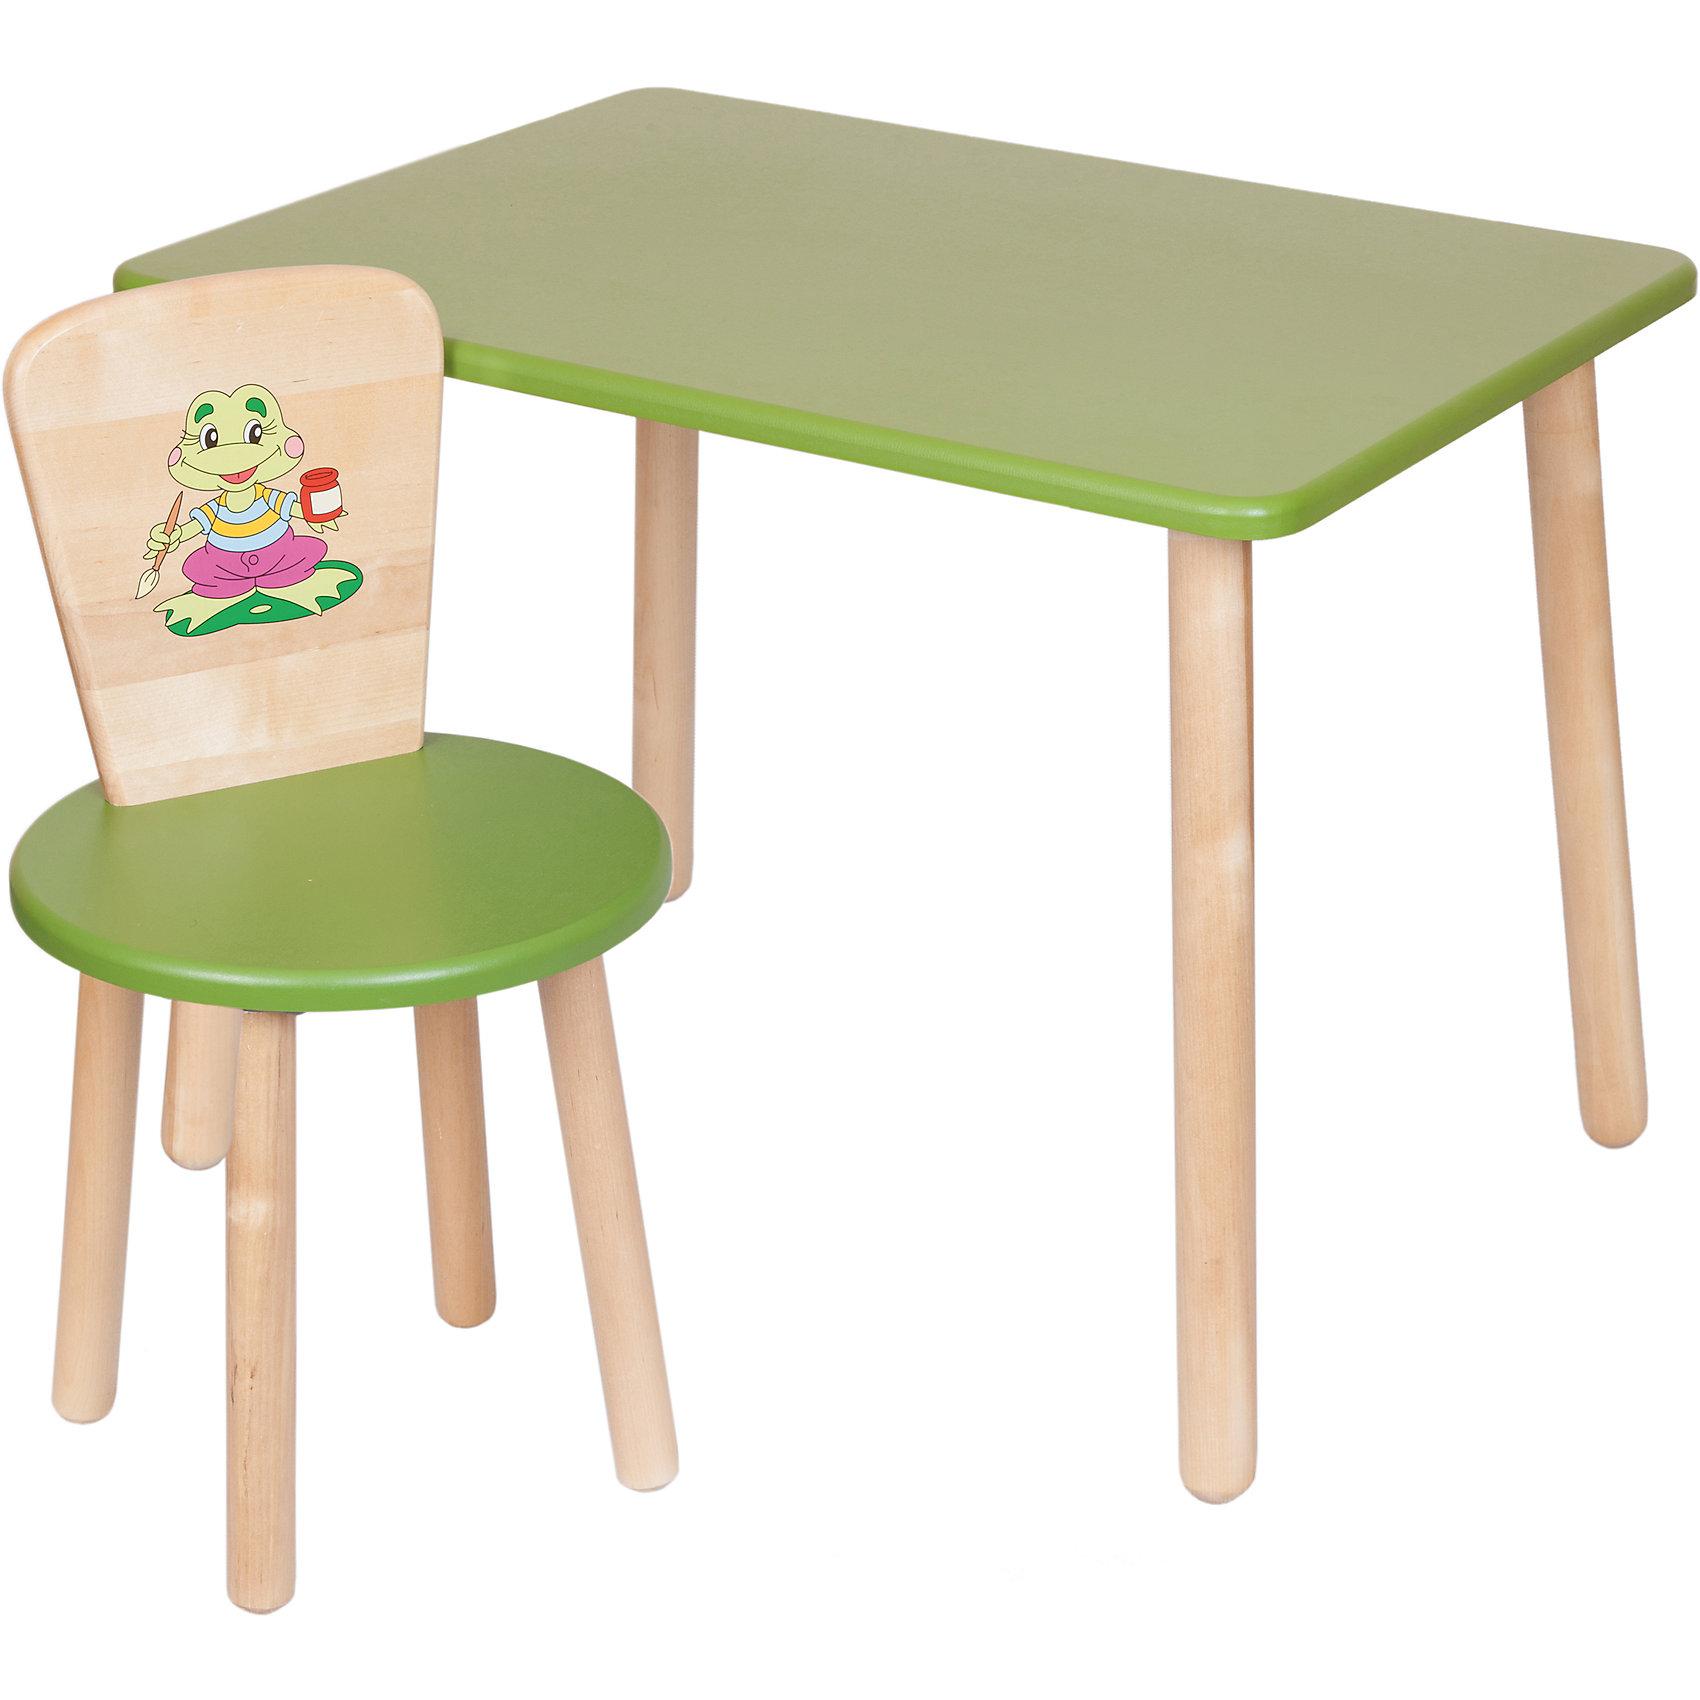 Набор мебели Эко № 1, зеленыйНабор мебели Эко от известного производителя Русэкомебель - практичный и красивый комплект, состоящий из стола и стула. Яркая мебель прекрасно впишется в интерьер детской и обязательно понравится вашему ребенку. Стул и стол не имеют острых углов, которые могут травмировать малышей. Гладкая поверхность столешницы и сиденья позволяет легко устранять любые загрязнения. Стол прямоугольной формы идеально подойдет для занятий, игр и творчества. Набор выполнен из высококачественных материалов, раскрашен безопасными, экологичными и нетоксичными красителями. <br><br>Дополнительная информация:<br><br>- Комплектация: стол, стул.<br>- Материал: дерево (береза), МДФ.<br>- Не имеет острых углов. <br>- Размер столешницы: 45x60 см. <br>- Высота стола: 52 см.<br>- Диаметр стула: 31 см. <br>- Высота стула: 57 см.<br>- Высота стула (от пола до сиденья): 32 см.<br><br>Набор мебели Эко № 1, зеленый, можно купить в нашем магазине.<br><br>Ширина мм: 730<br>Глубина мм: 530<br>Высота мм: 140<br>Вес г: 8400<br>Возраст от месяцев: 24<br>Возраст до месяцев: 84<br>Пол: Унисекс<br>Возраст: Детский<br>SKU: 4756476